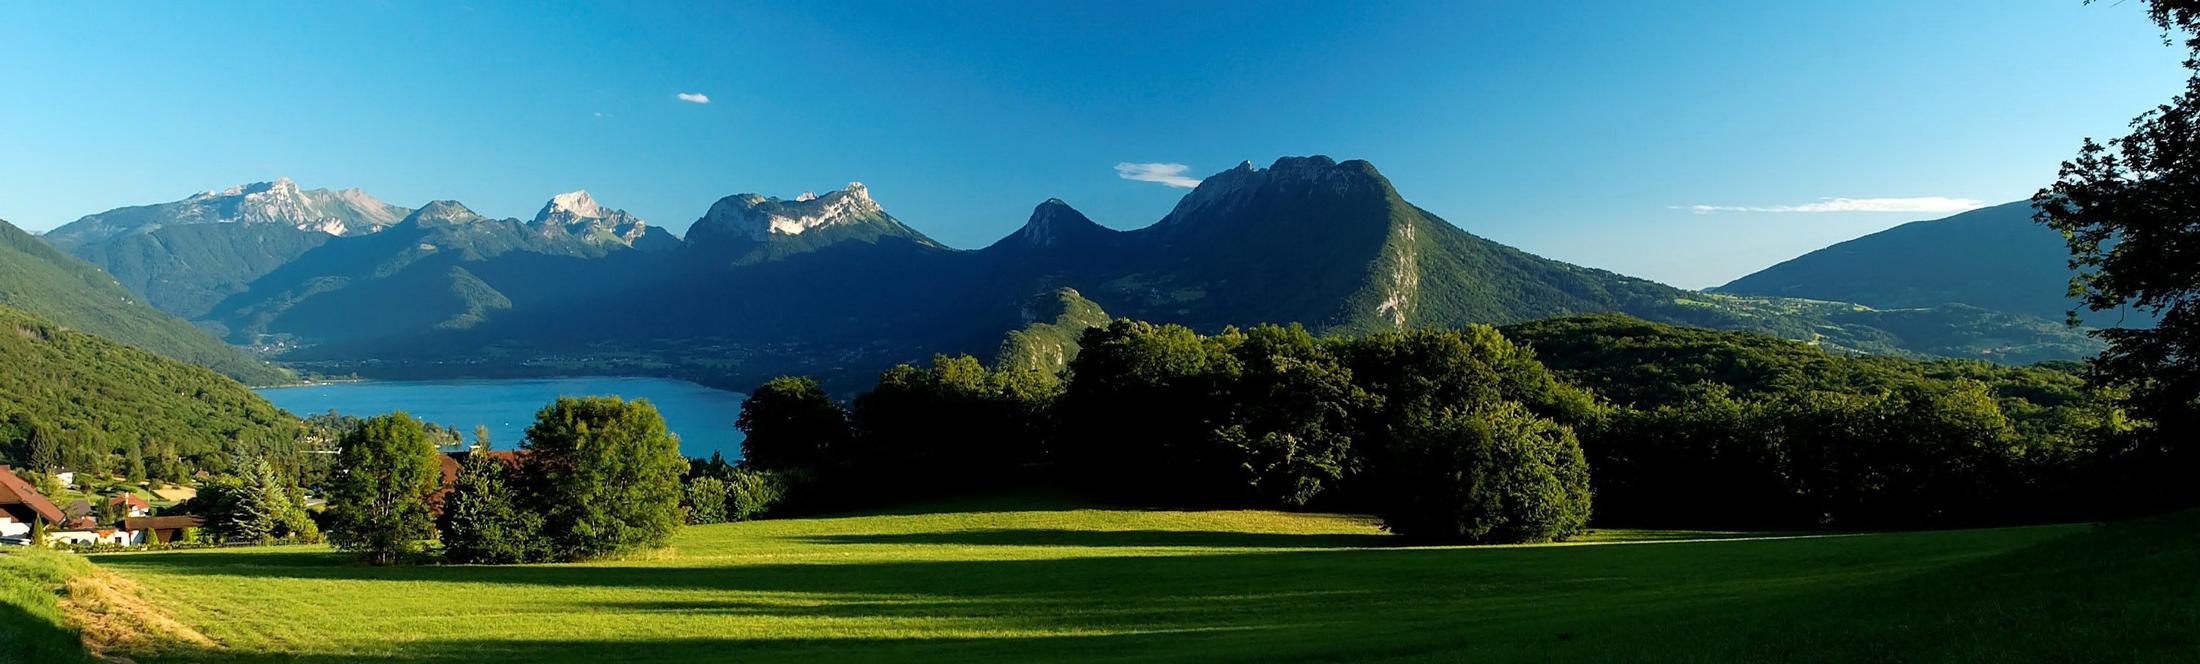 Haute Savoie - Lac d'Annecy